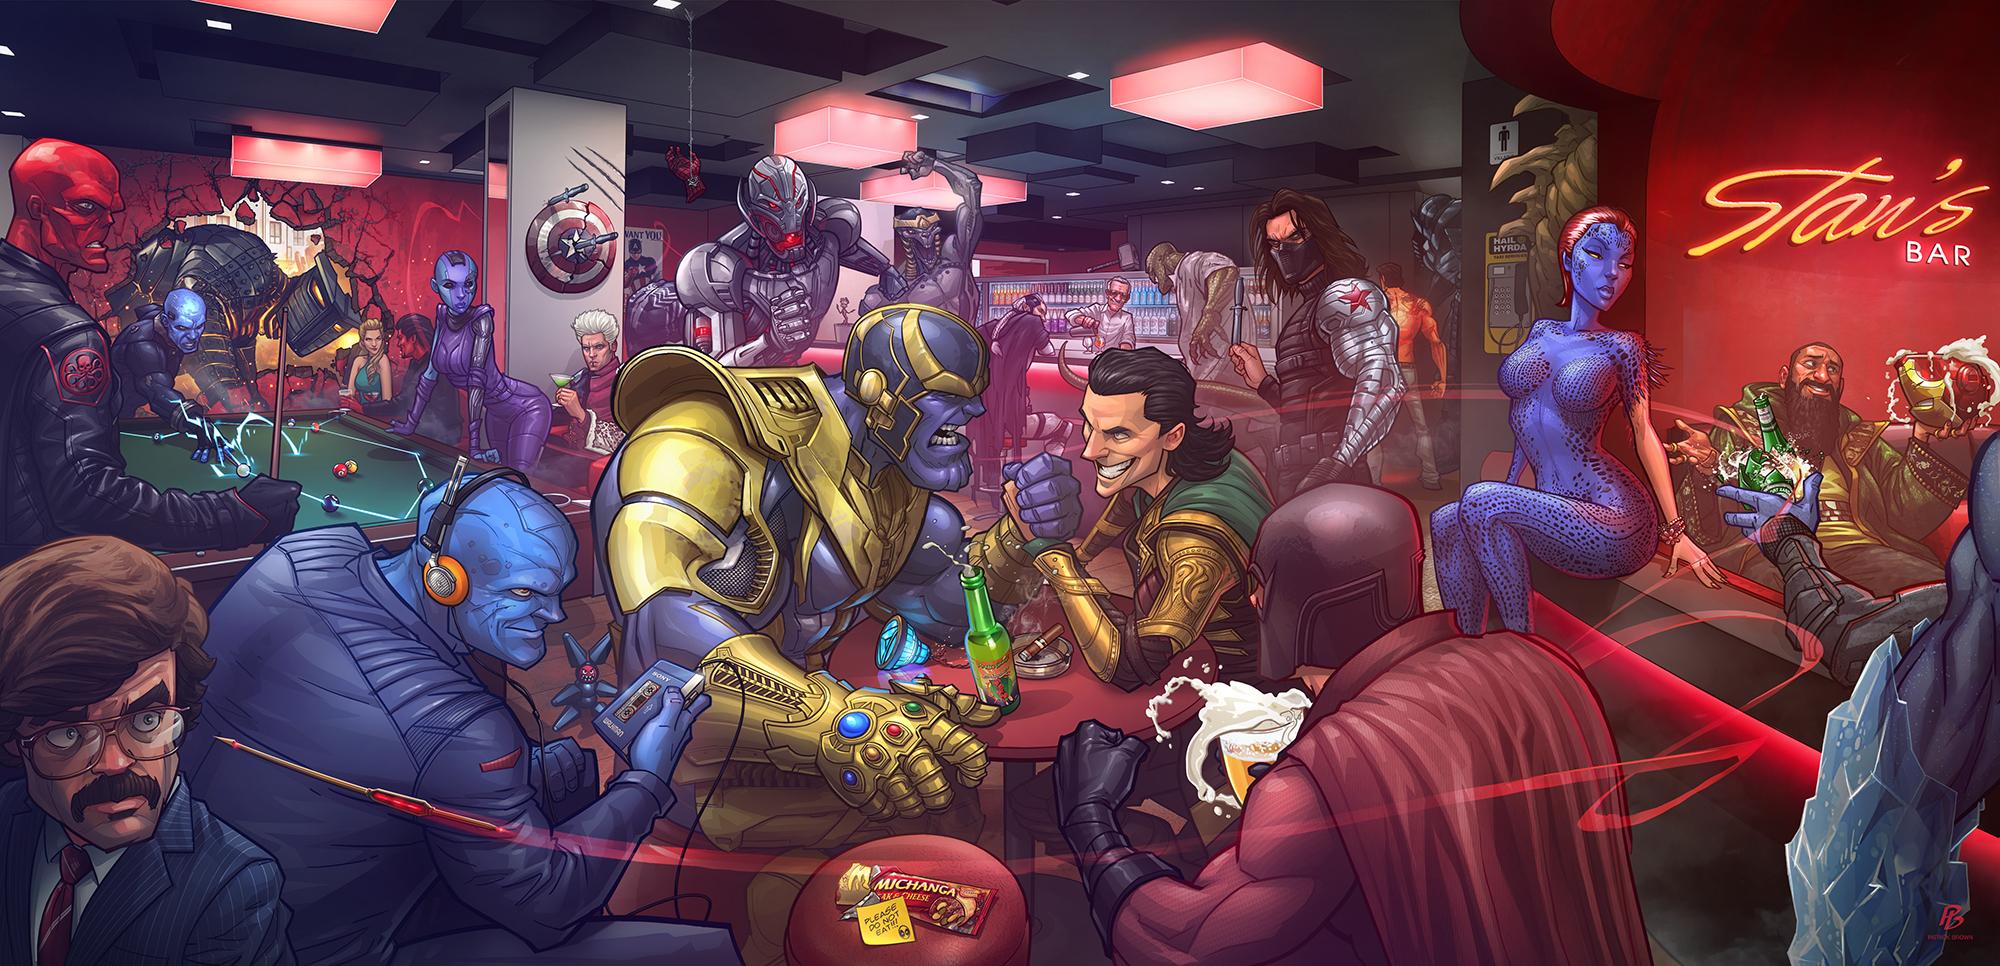 http://orig01.deviantart.net/d6dd/f/2015/047/8/2/marvel_villains_by_patrickbrown-d8i8p2o.jpg